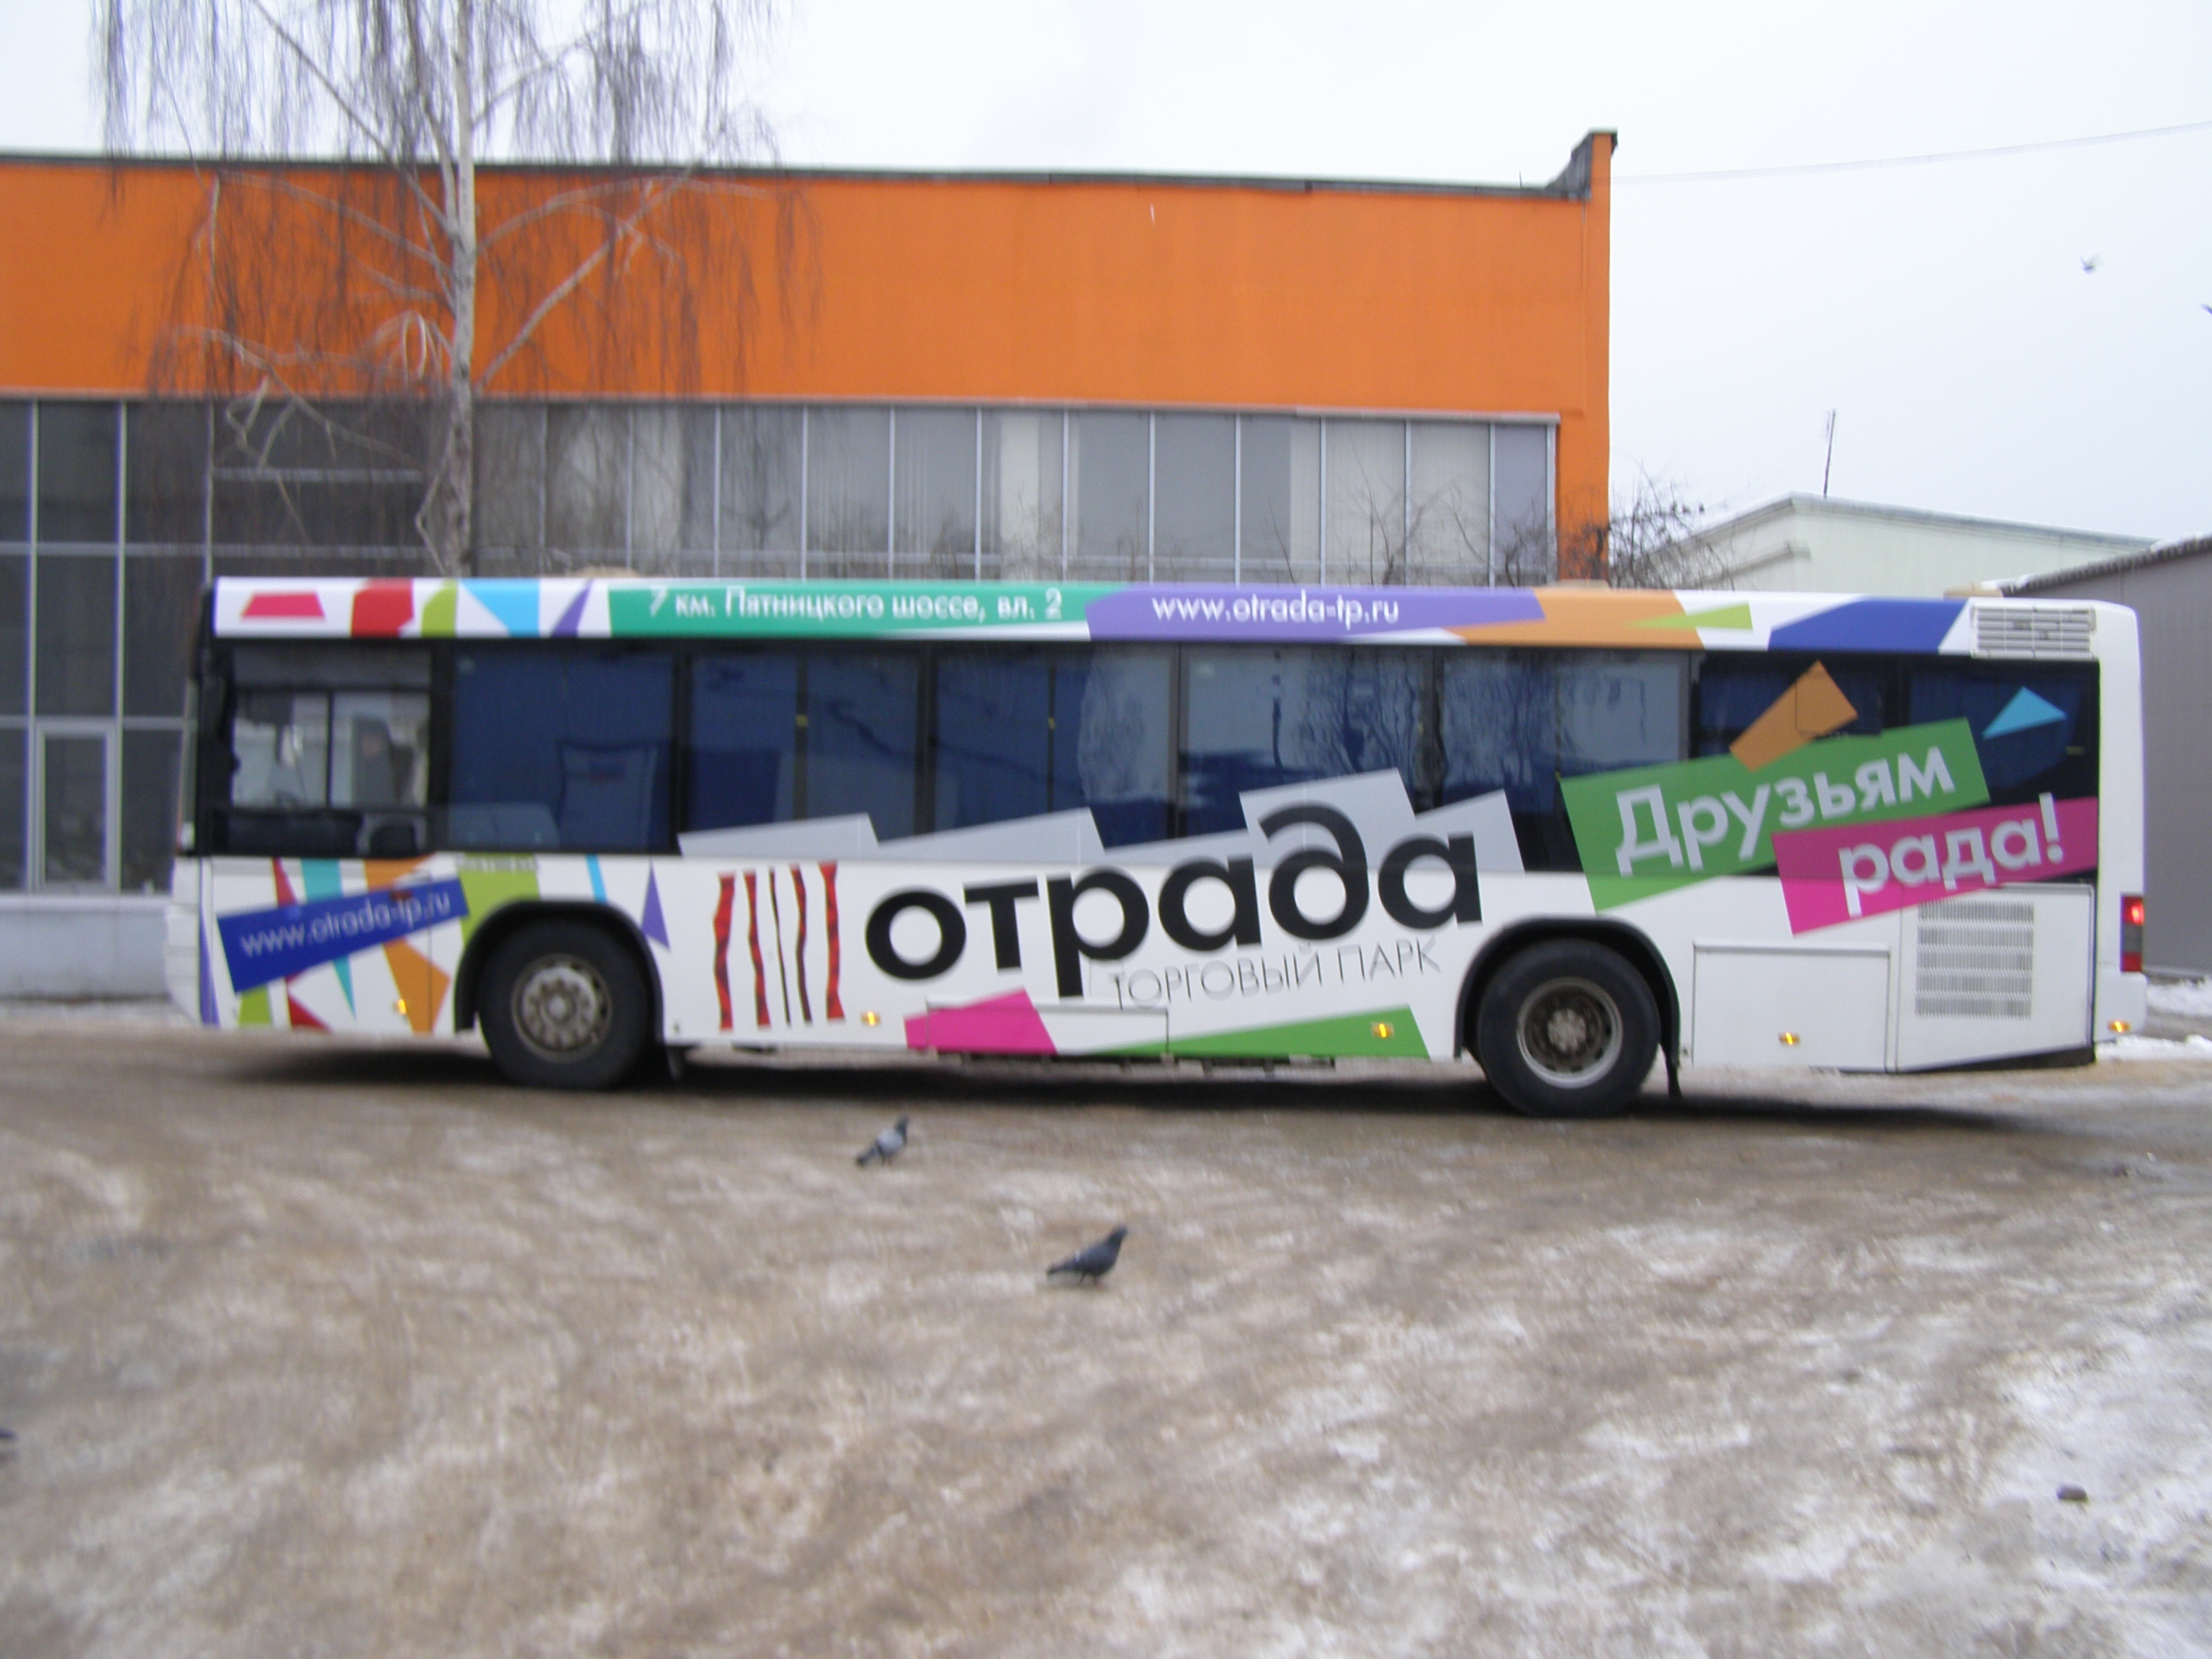 Размещение наружной рекламе на автобусе, торговый парк